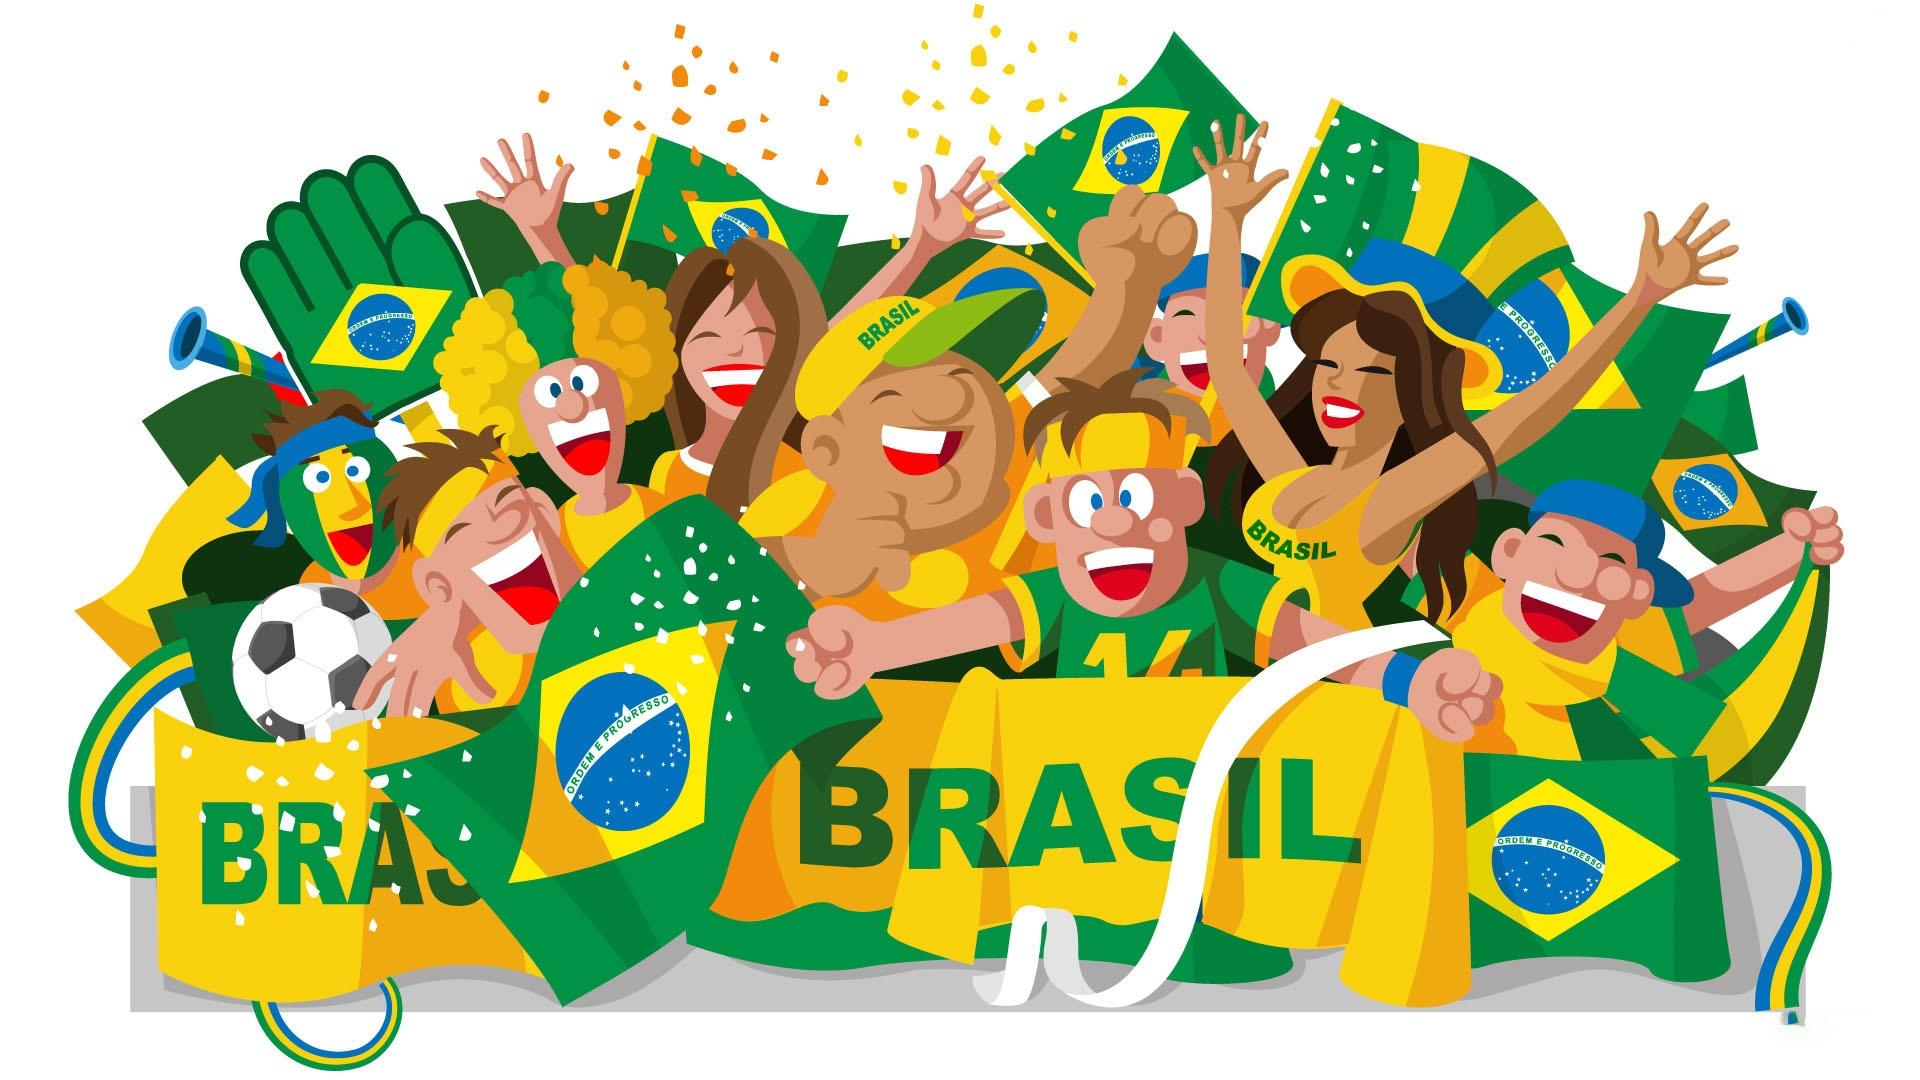 Brésil 2014 : 10 fonds d'écran pour la Coupe du Monde.